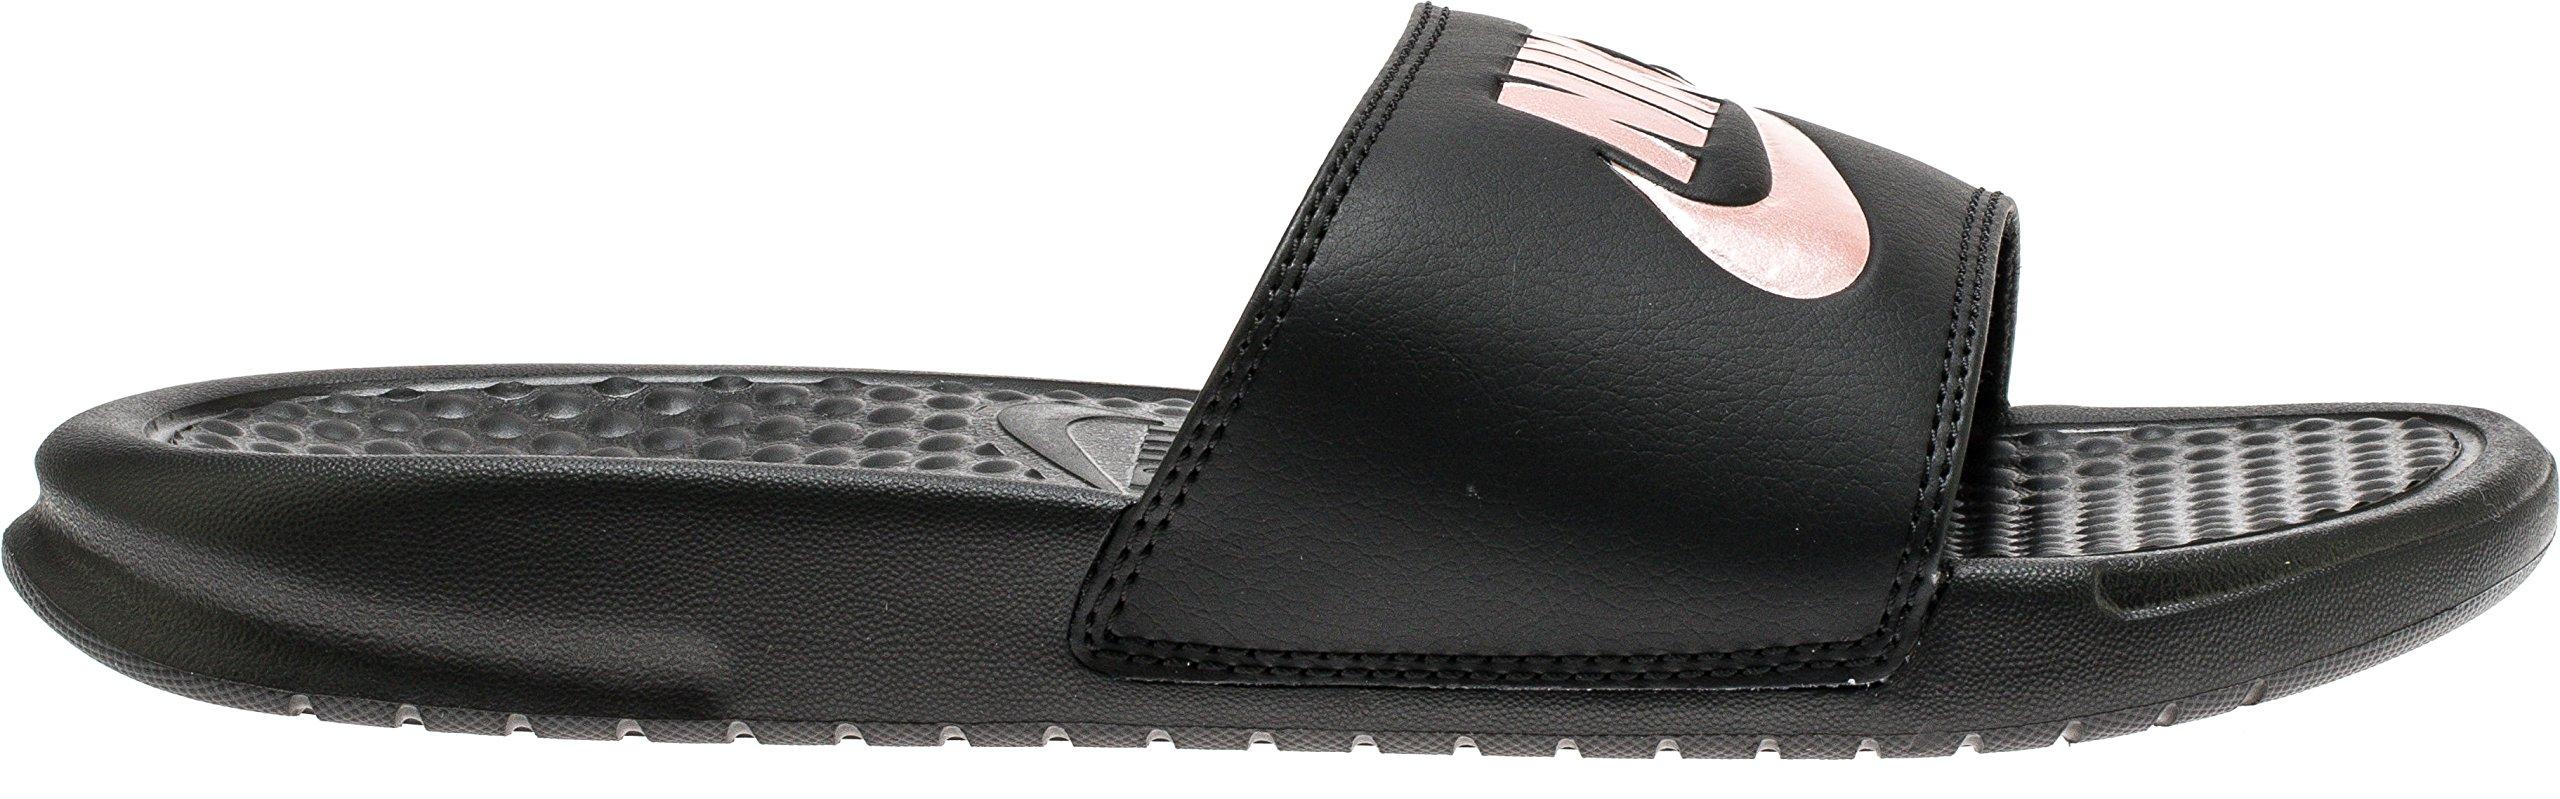 NIKE Women's Benassi Just Do It Slide Sandal, Black/Rose Gold, 7 Regular US